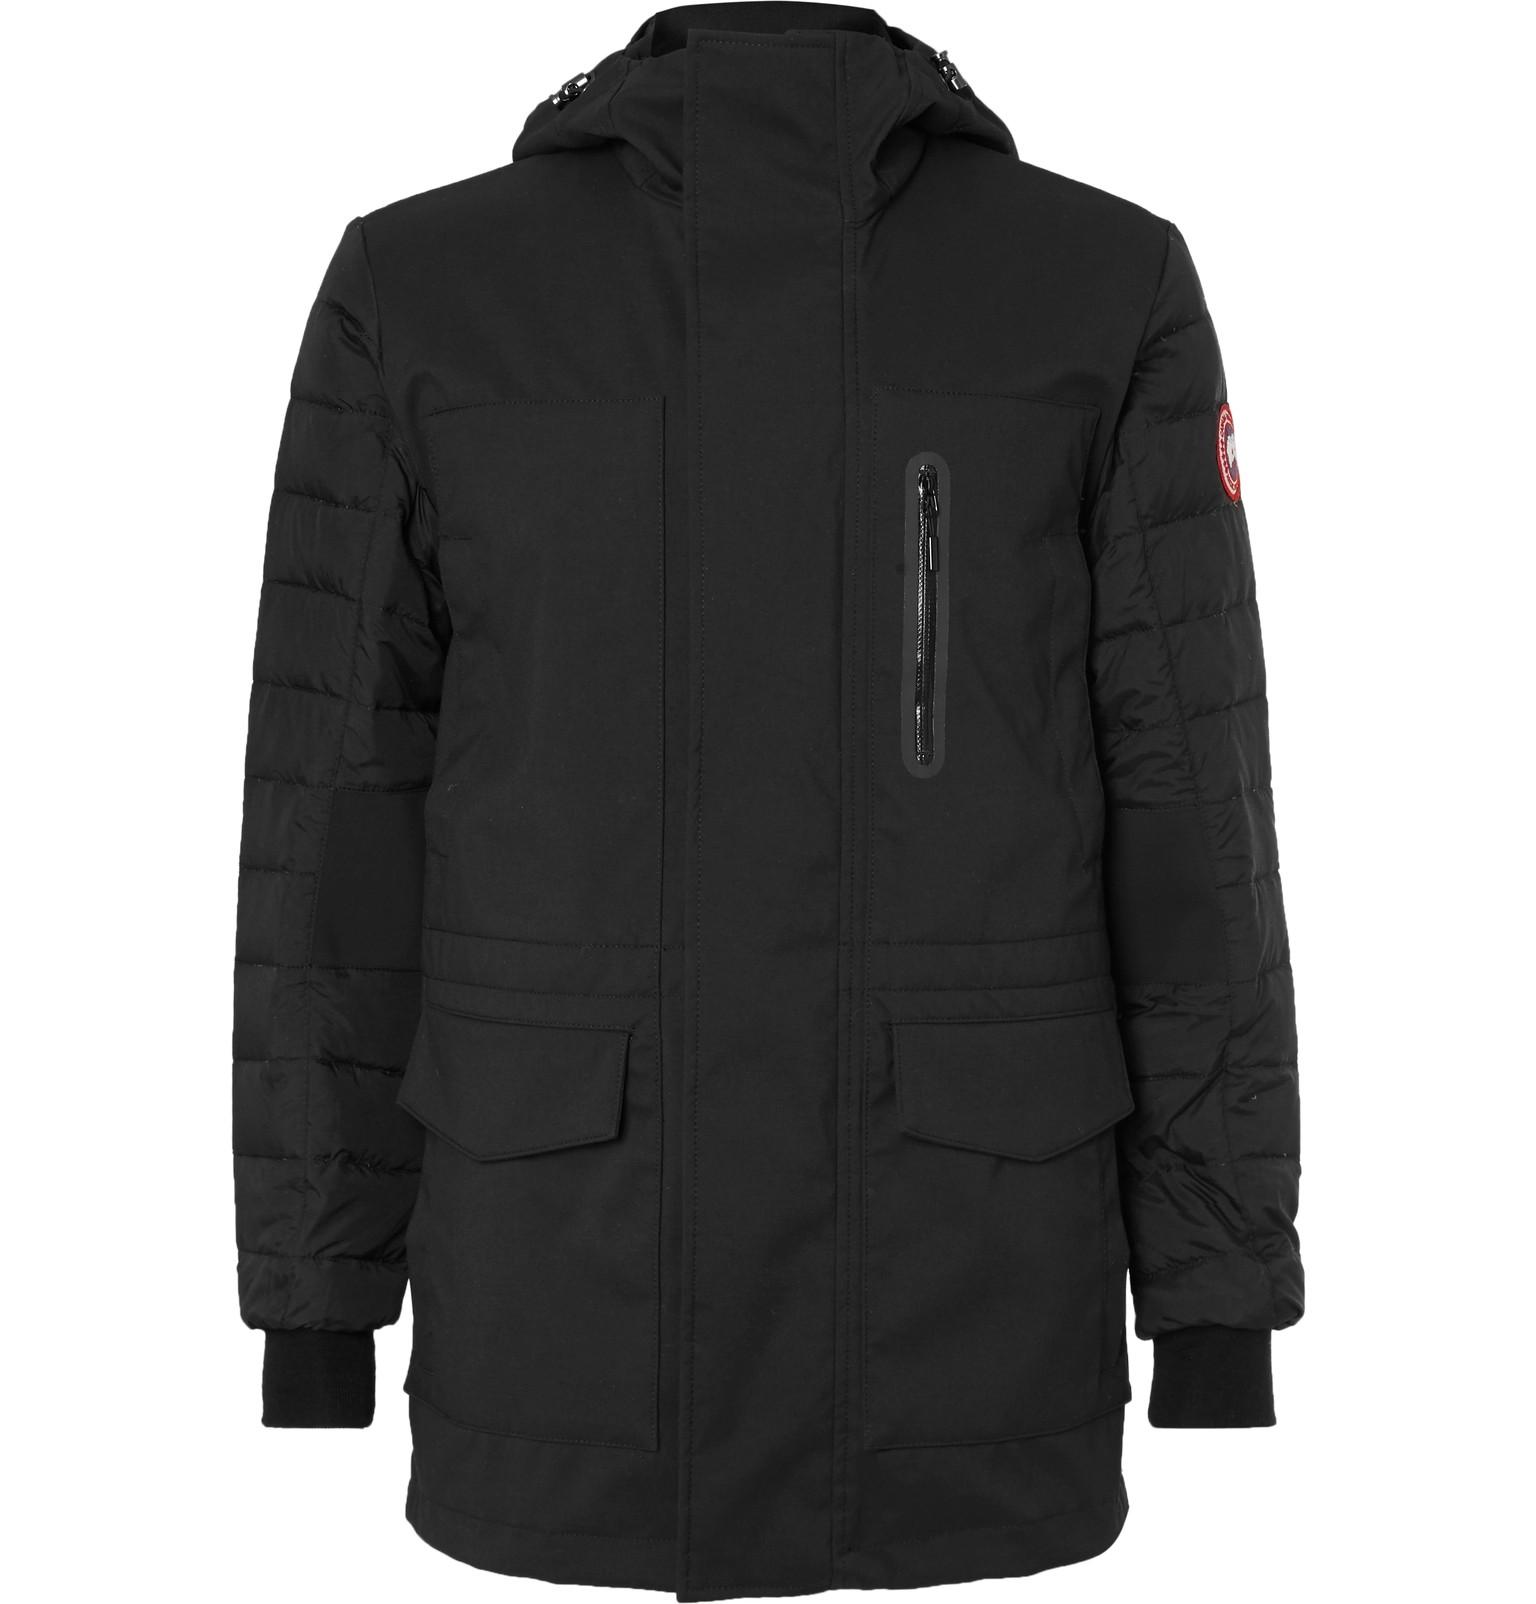 veste canada goose black edition